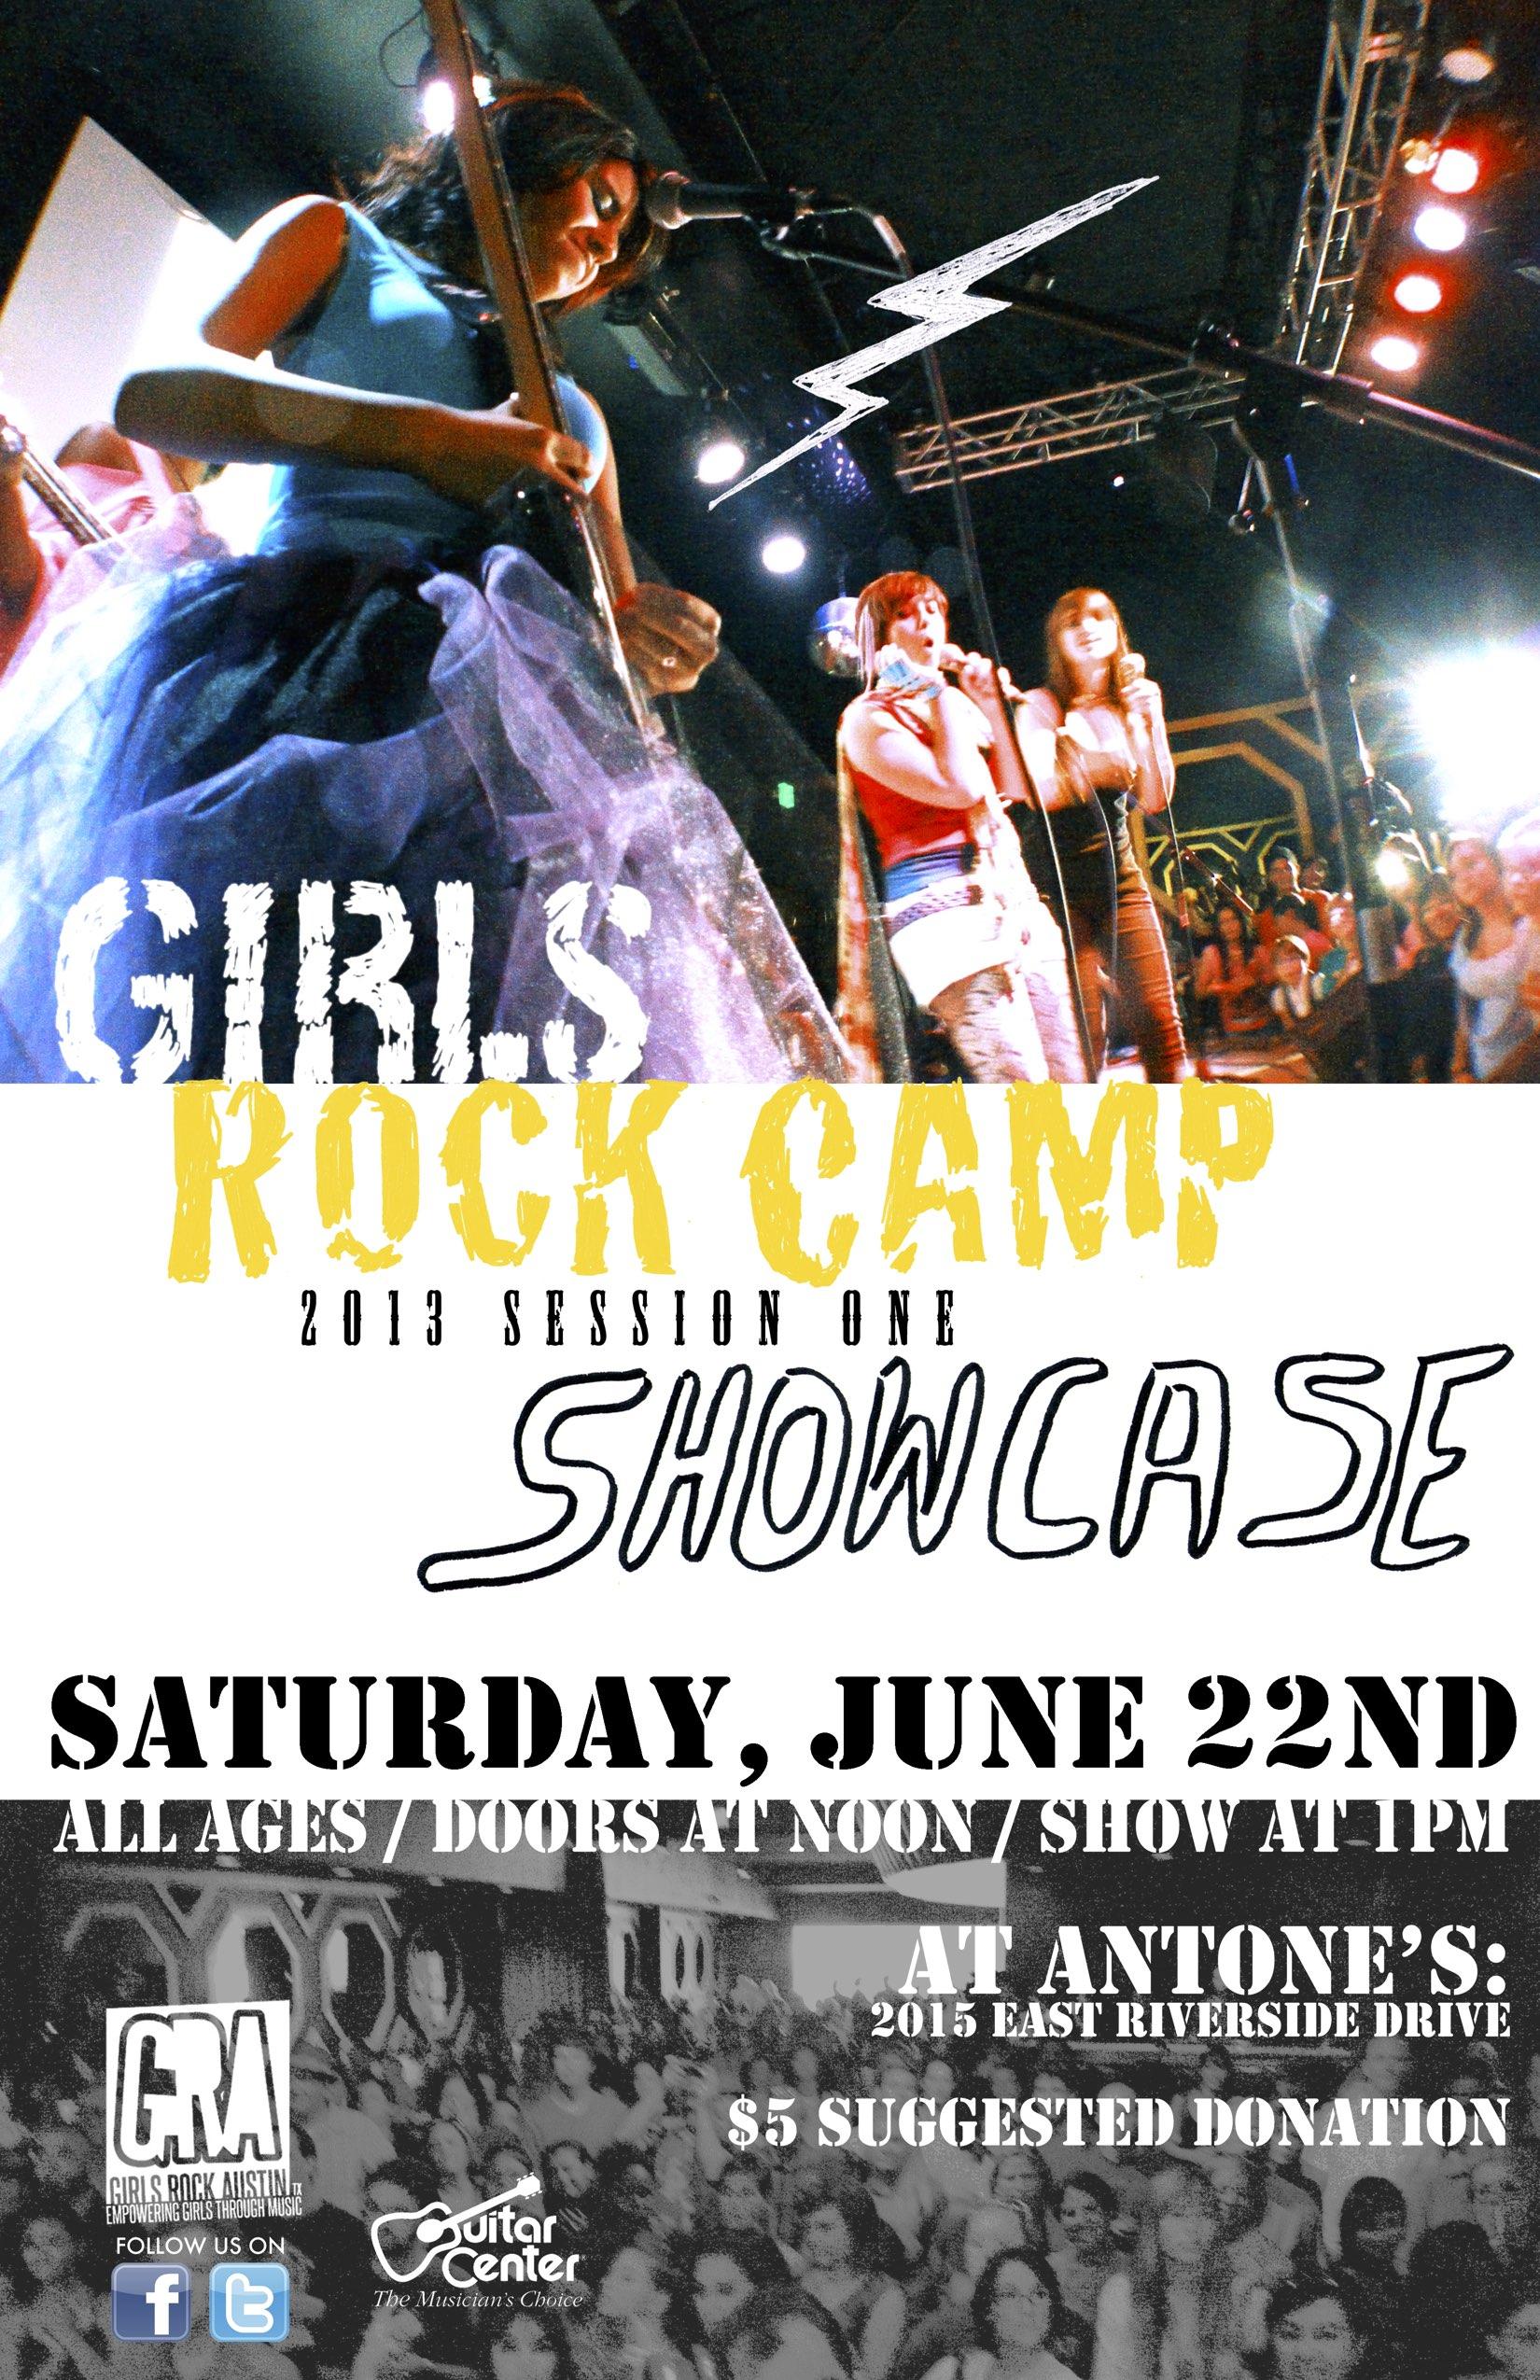 04_GRC June 2013 showcase_PRINTbest.jpg